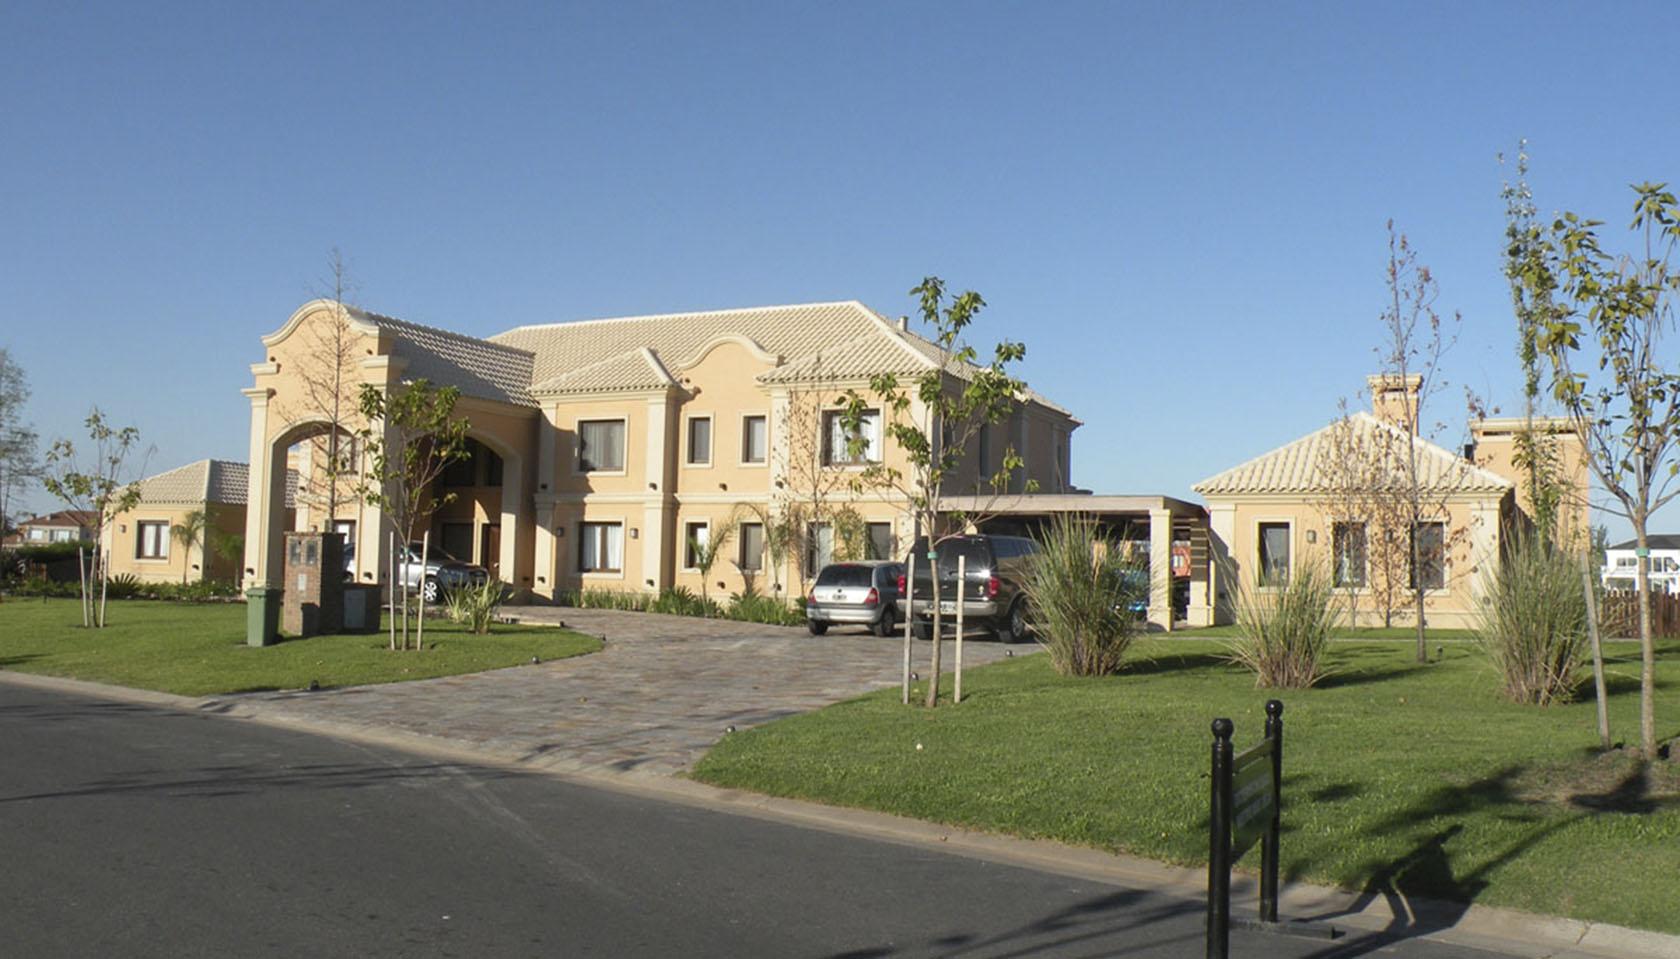 ingresos en triple altura viviendas, casas coloniales modernas, casas con tonos naranjas